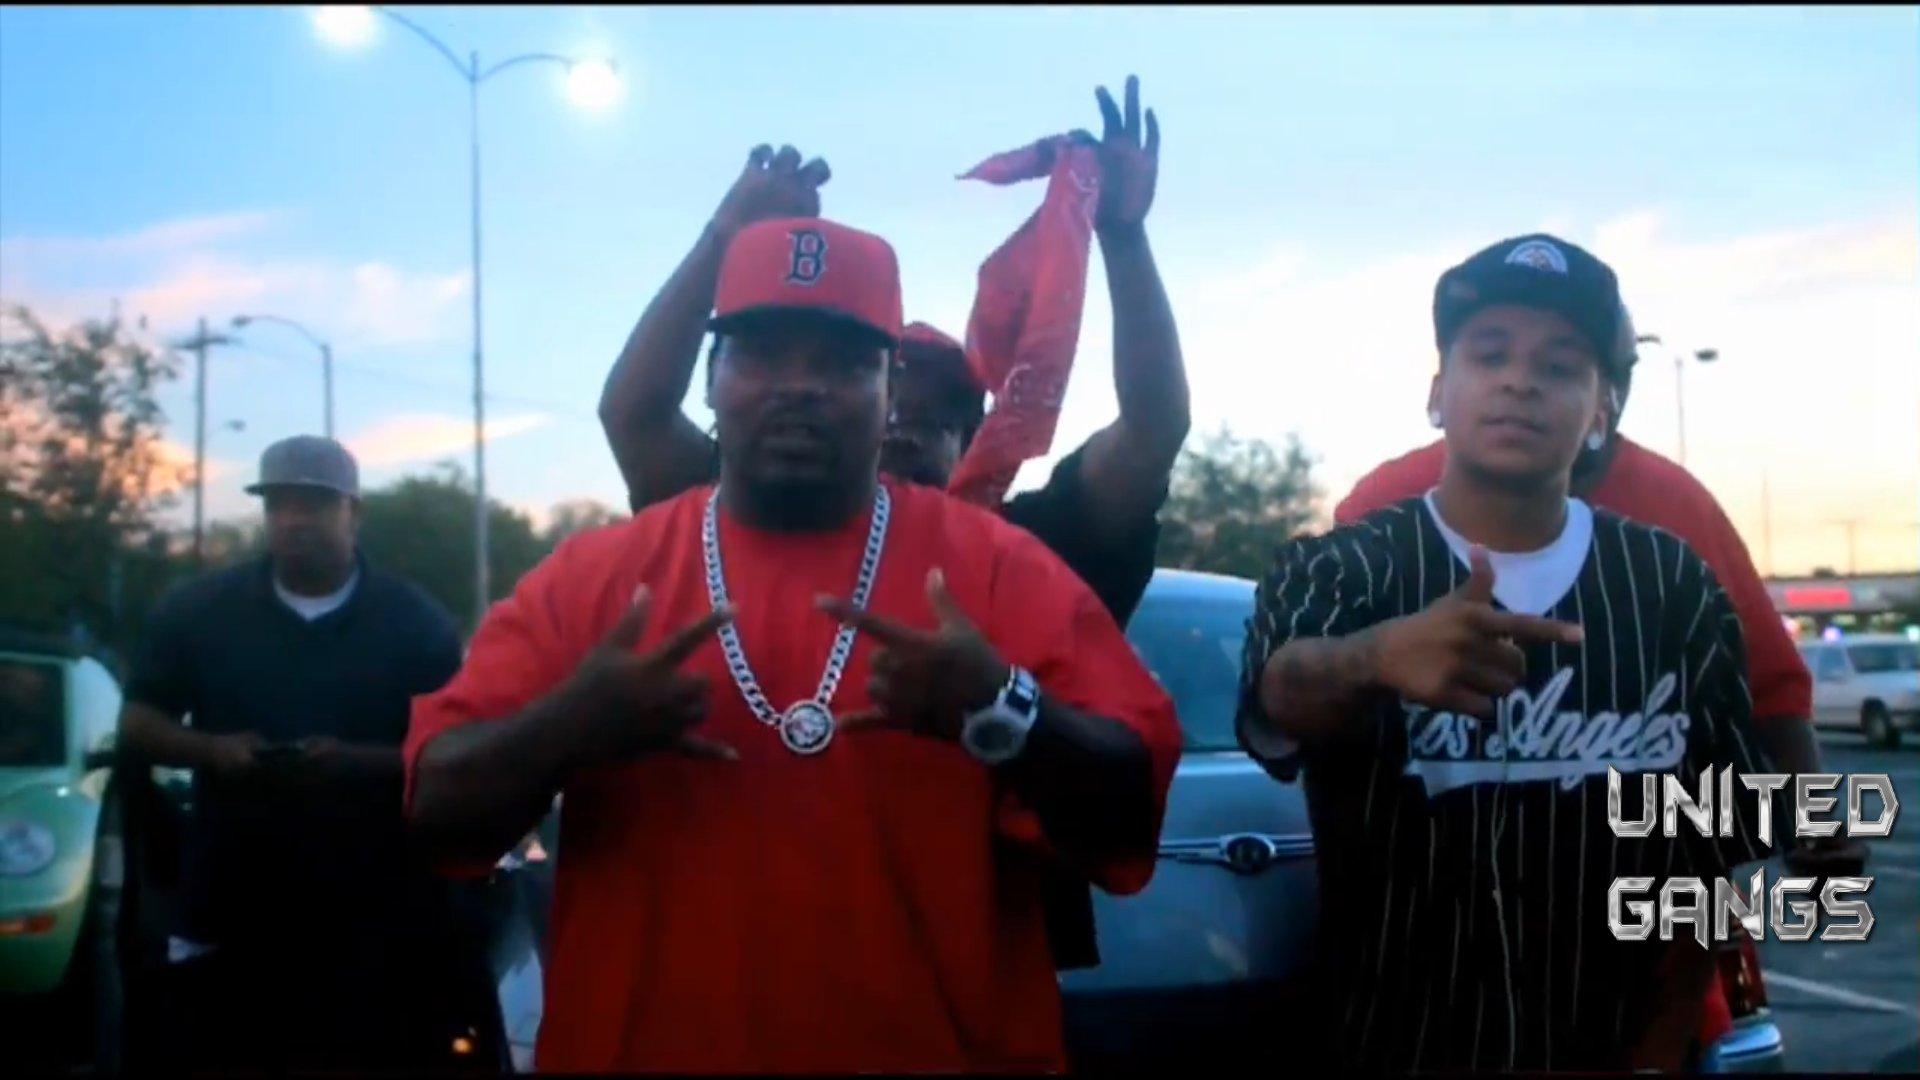 Die Crips und die Bloods sind zwei der drei großen amerikanischen Gangs Sie entstammen beide dem Gebiet von Los Angeles Kalifornien Die drittgrößte Bande ist